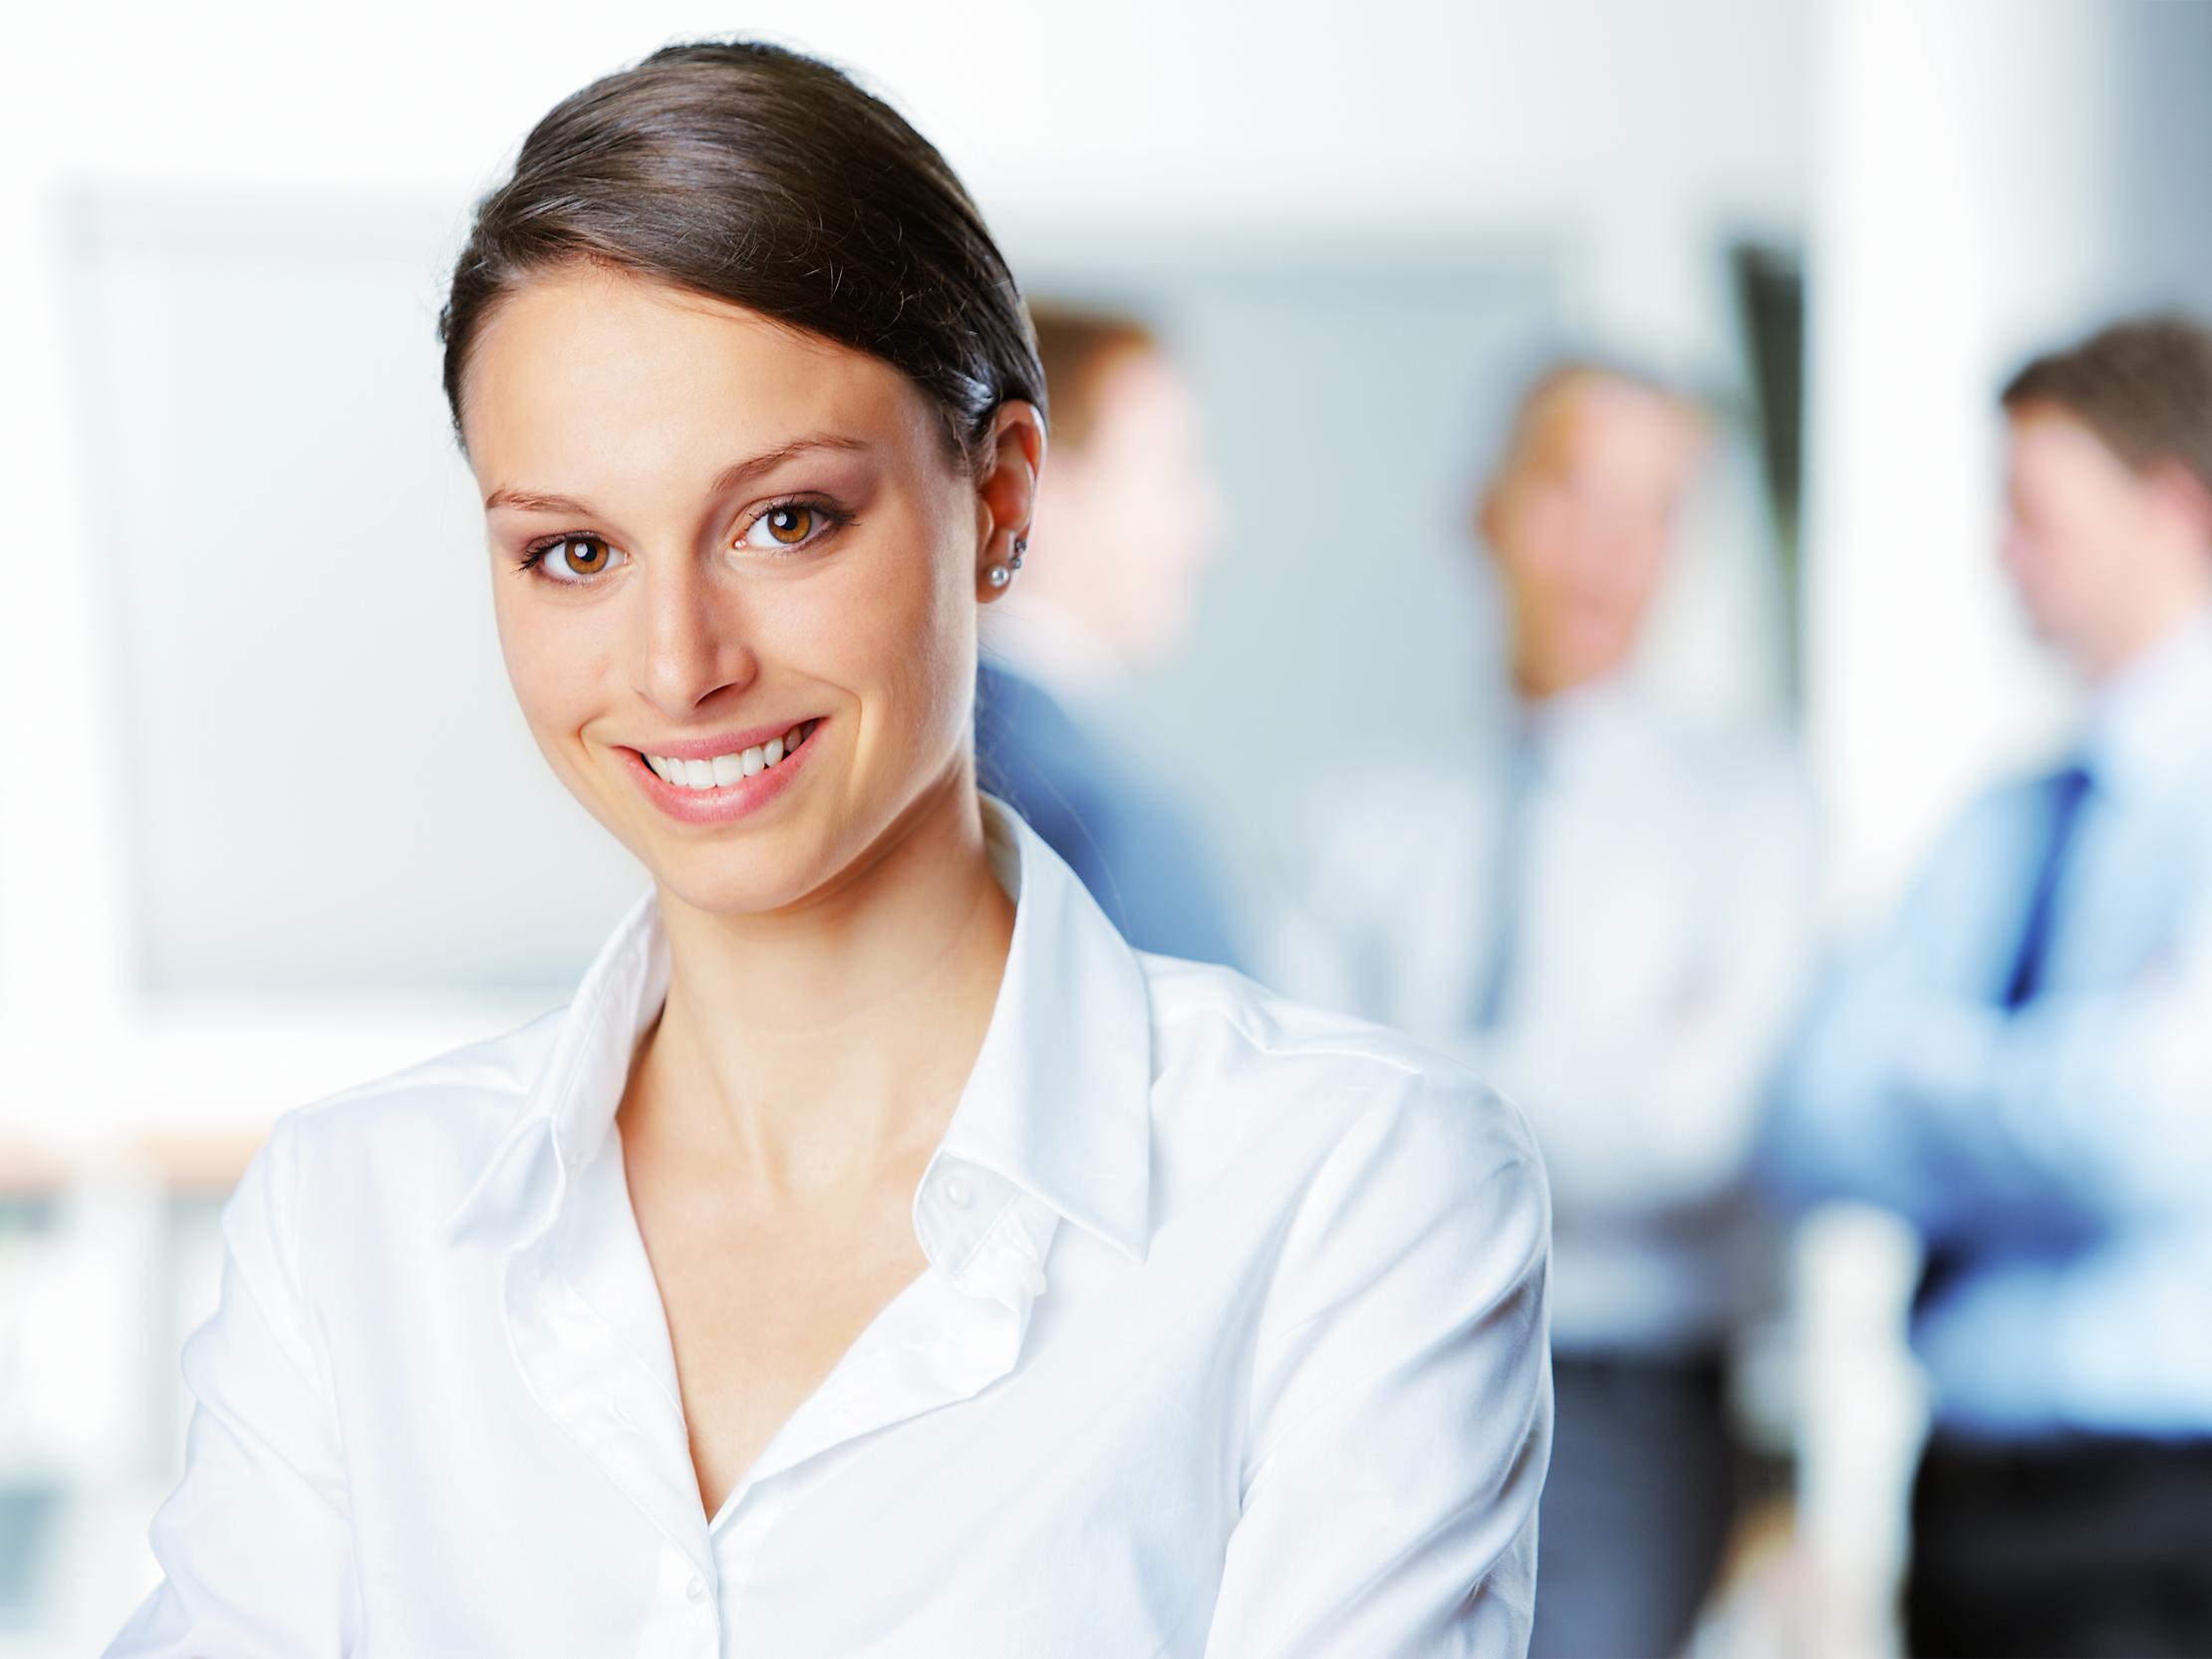 Har du styr på dine ledelsesmæssige værdier?